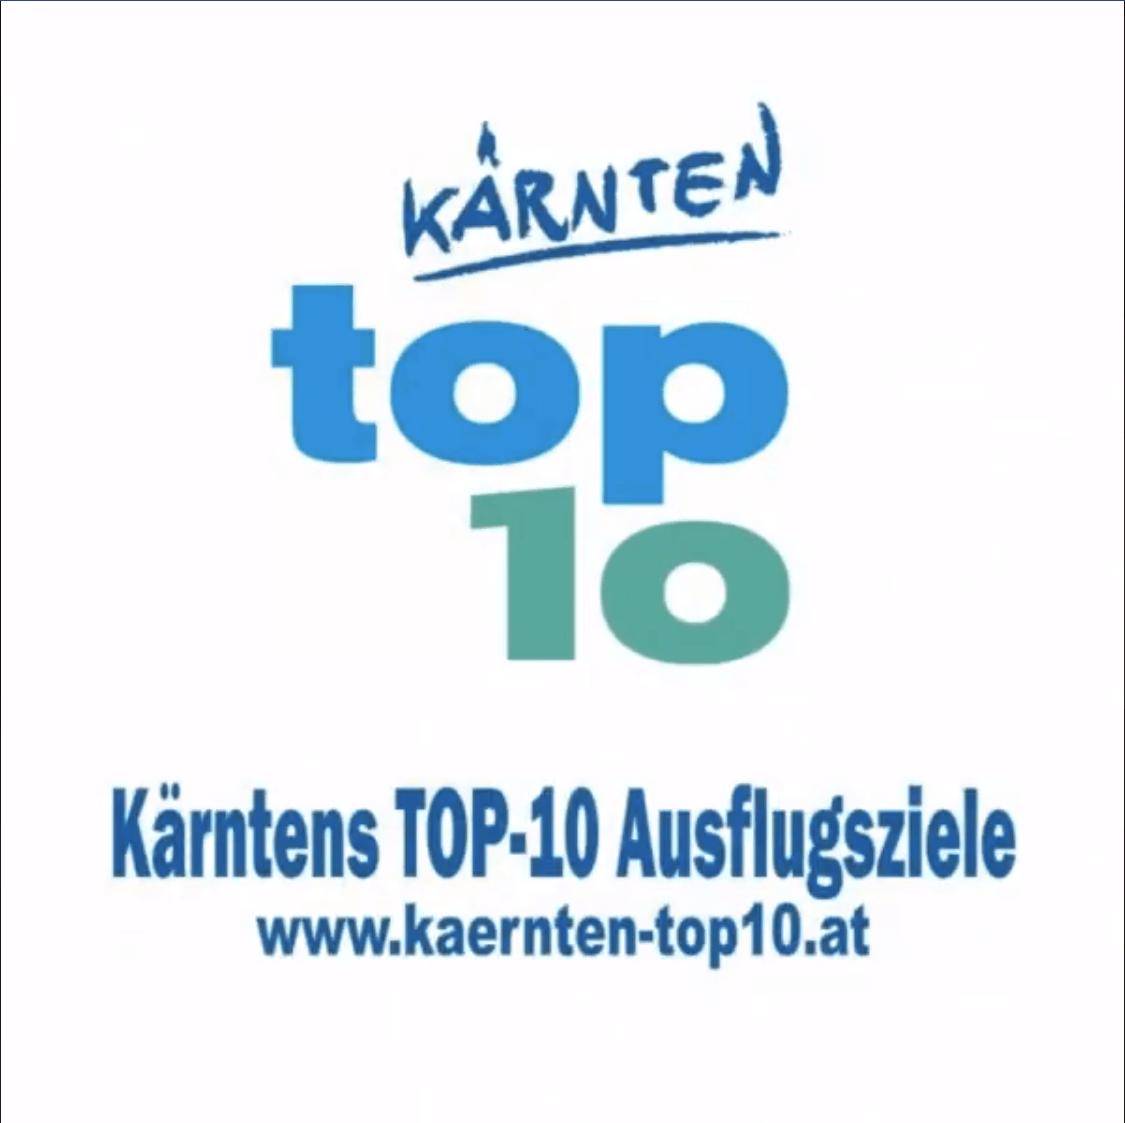 Kärntens TOP Ausflugsziele - Großglockner Hochalpenstraße, Sehenswürdigkeit in Österreich